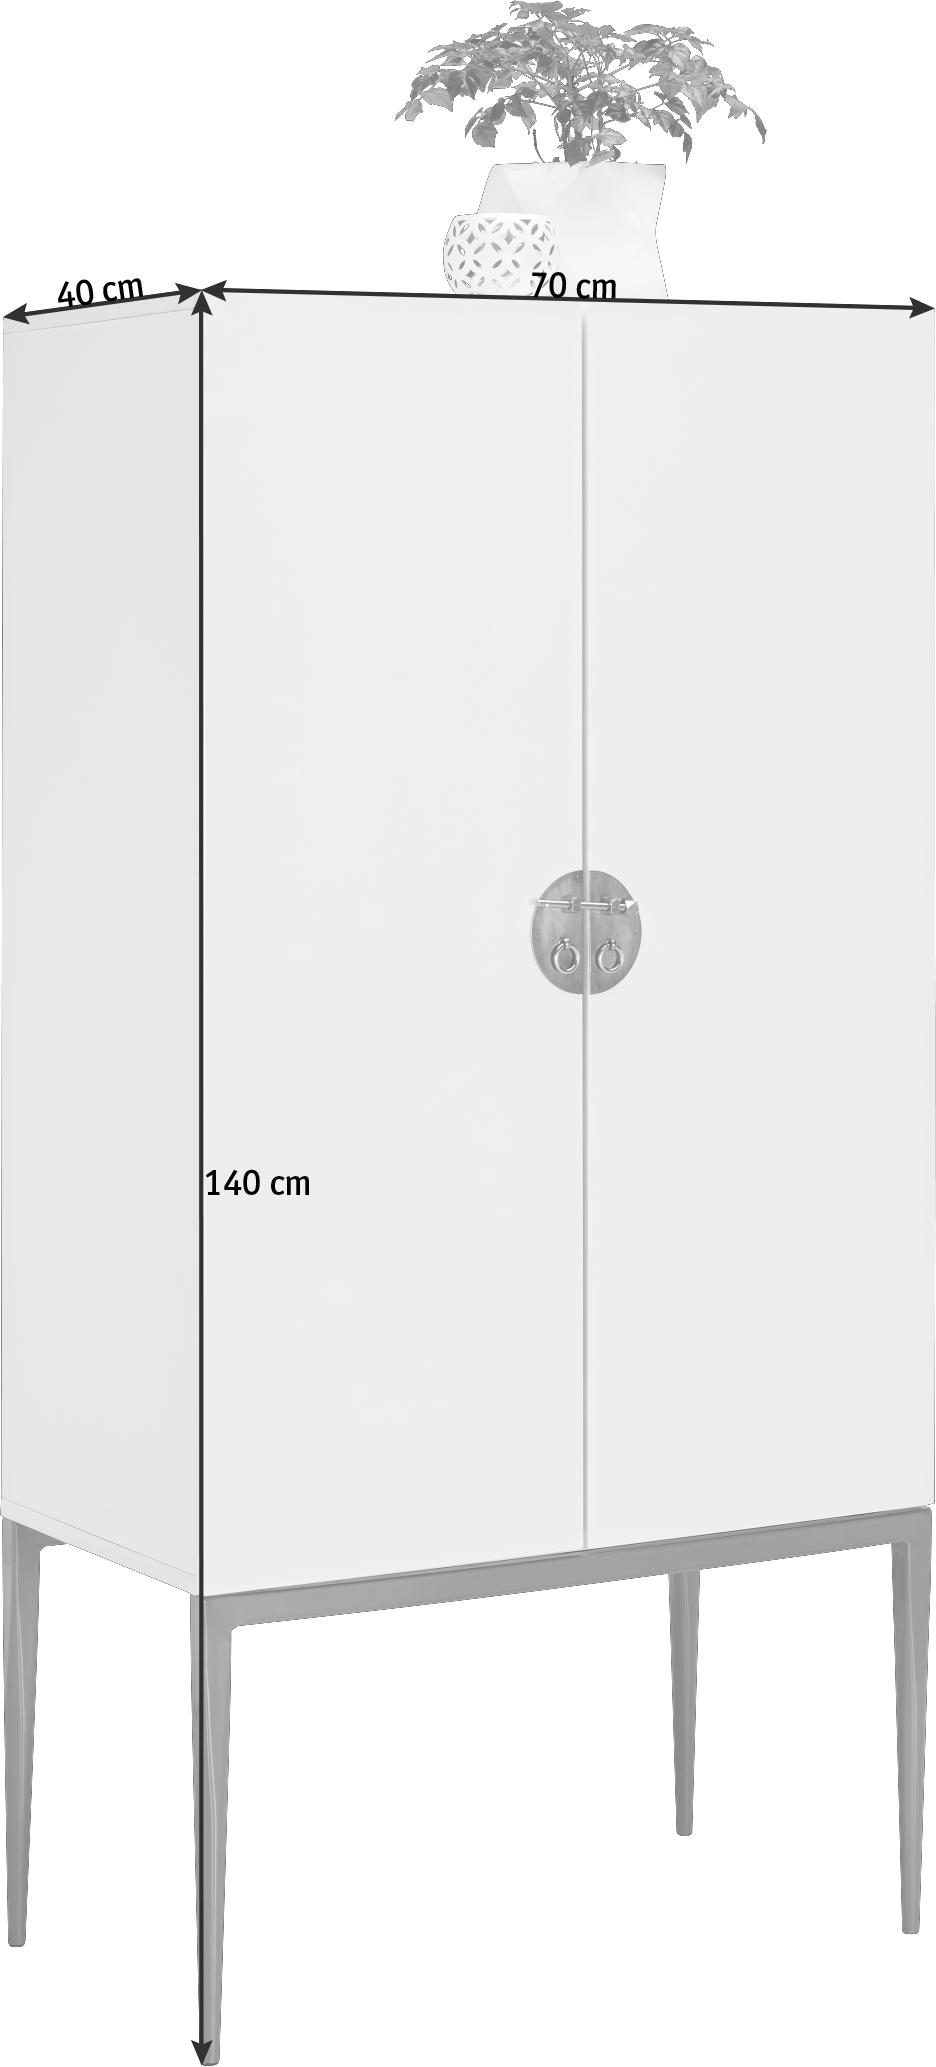 BRUDSKÅP - vit/bronsfärgad, Design, metall/träbaserade material (70/140/40cm) - Carryhome